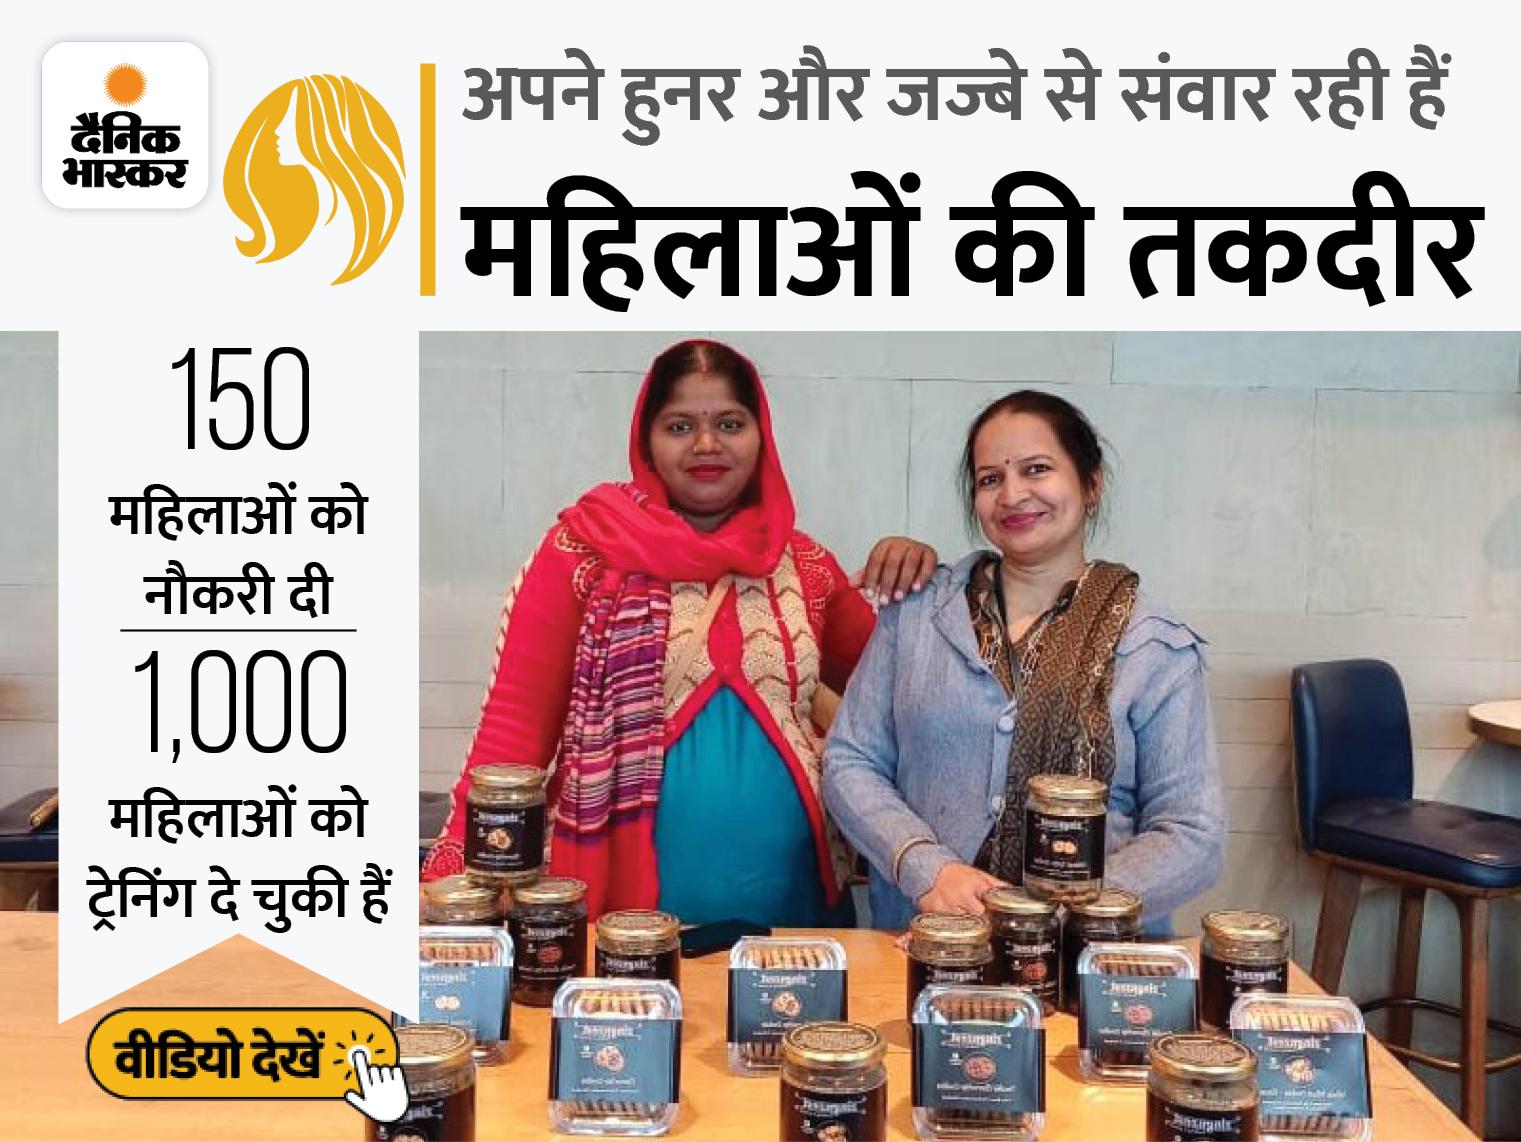 हरियाणा की पूजा गरीबी में पली-बढ़ीं, 10वीं बाद पढ़ाई छोड़नी पड़ी; अब होममेड कुकीज के स्टार्टअप से सालाना 8 लाख रुपए कमा रही हैं|DB ओरिजिनल,DB Original - Dainik Bhaskar